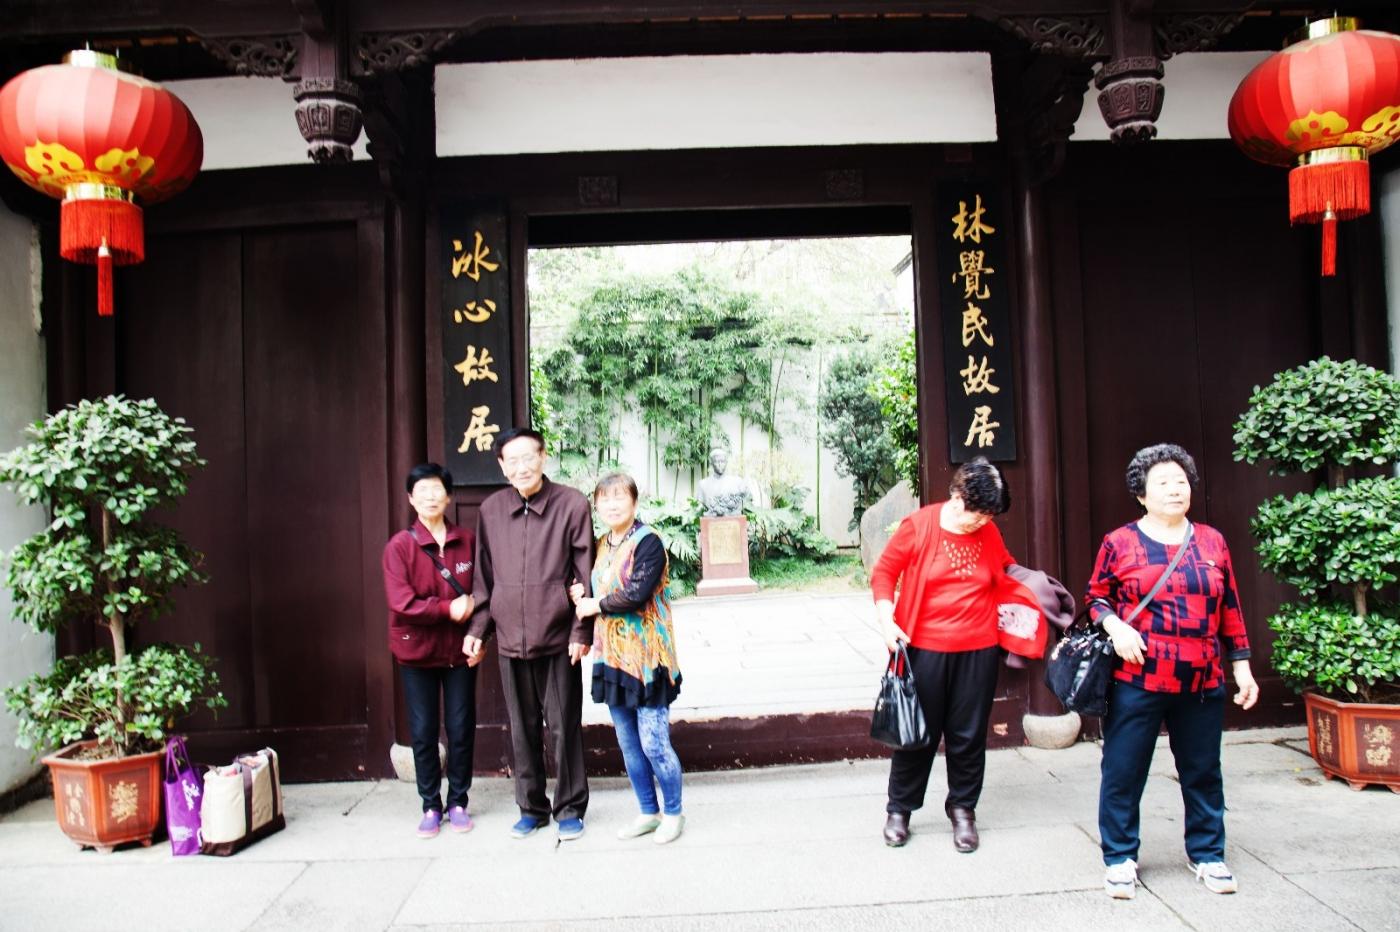 三坊七巷是福州市的旅游胜地_图1-13